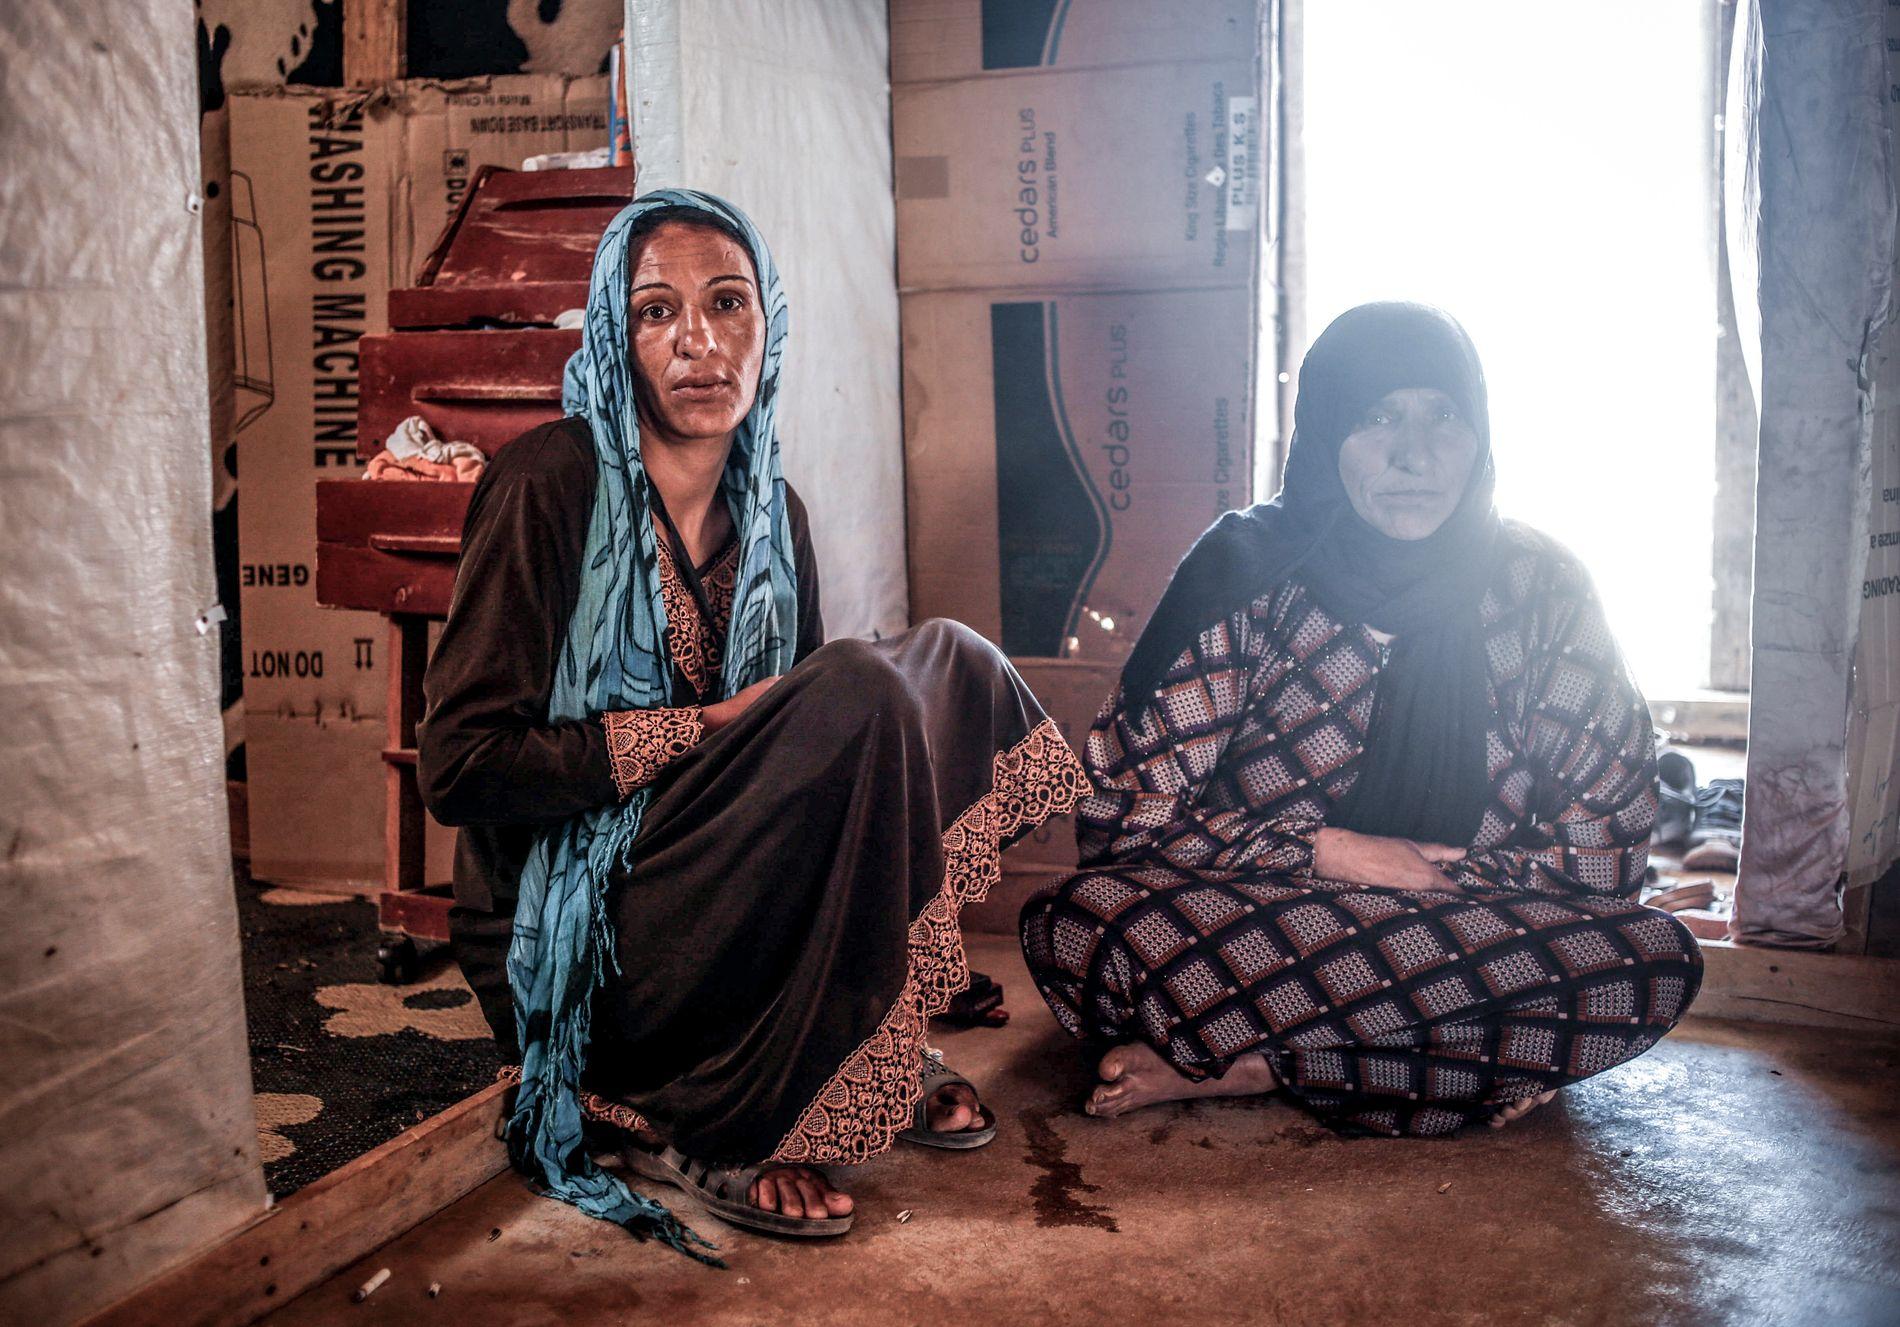 MENNENE ER DREPT: Gazaeriya Mustafa og moren Turkiya Mustafa har mistet mannlige familiemedlemmer i krigen i Syria. De er alene igjen i Libanon og tør ikke returnere.